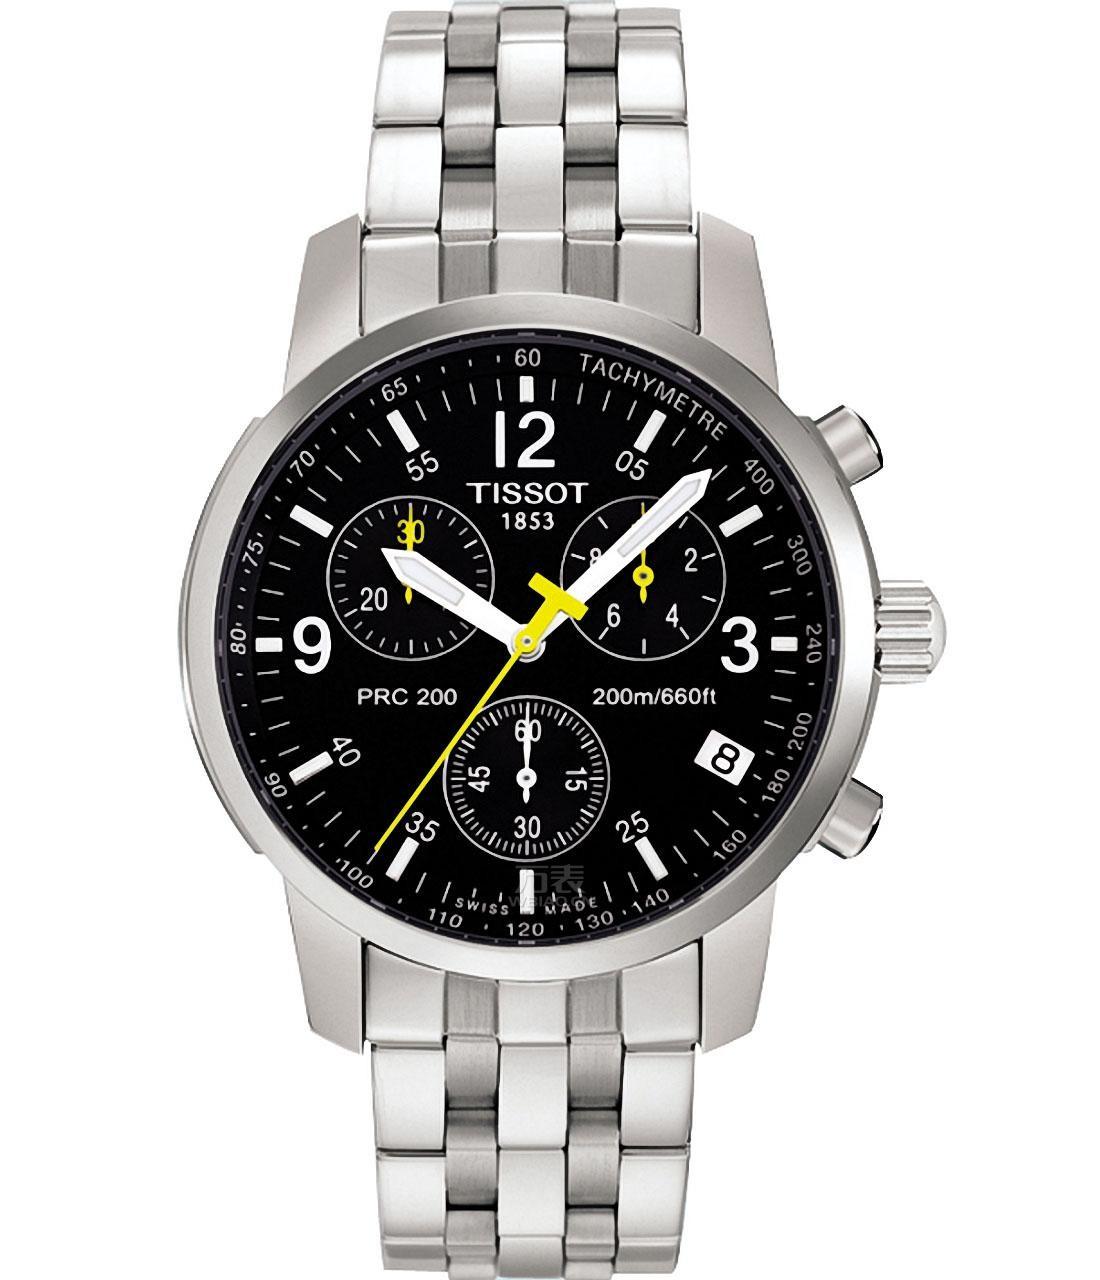 瑞士天梭手表价格怎么样?首选天梭PRC 200系列男士石英表